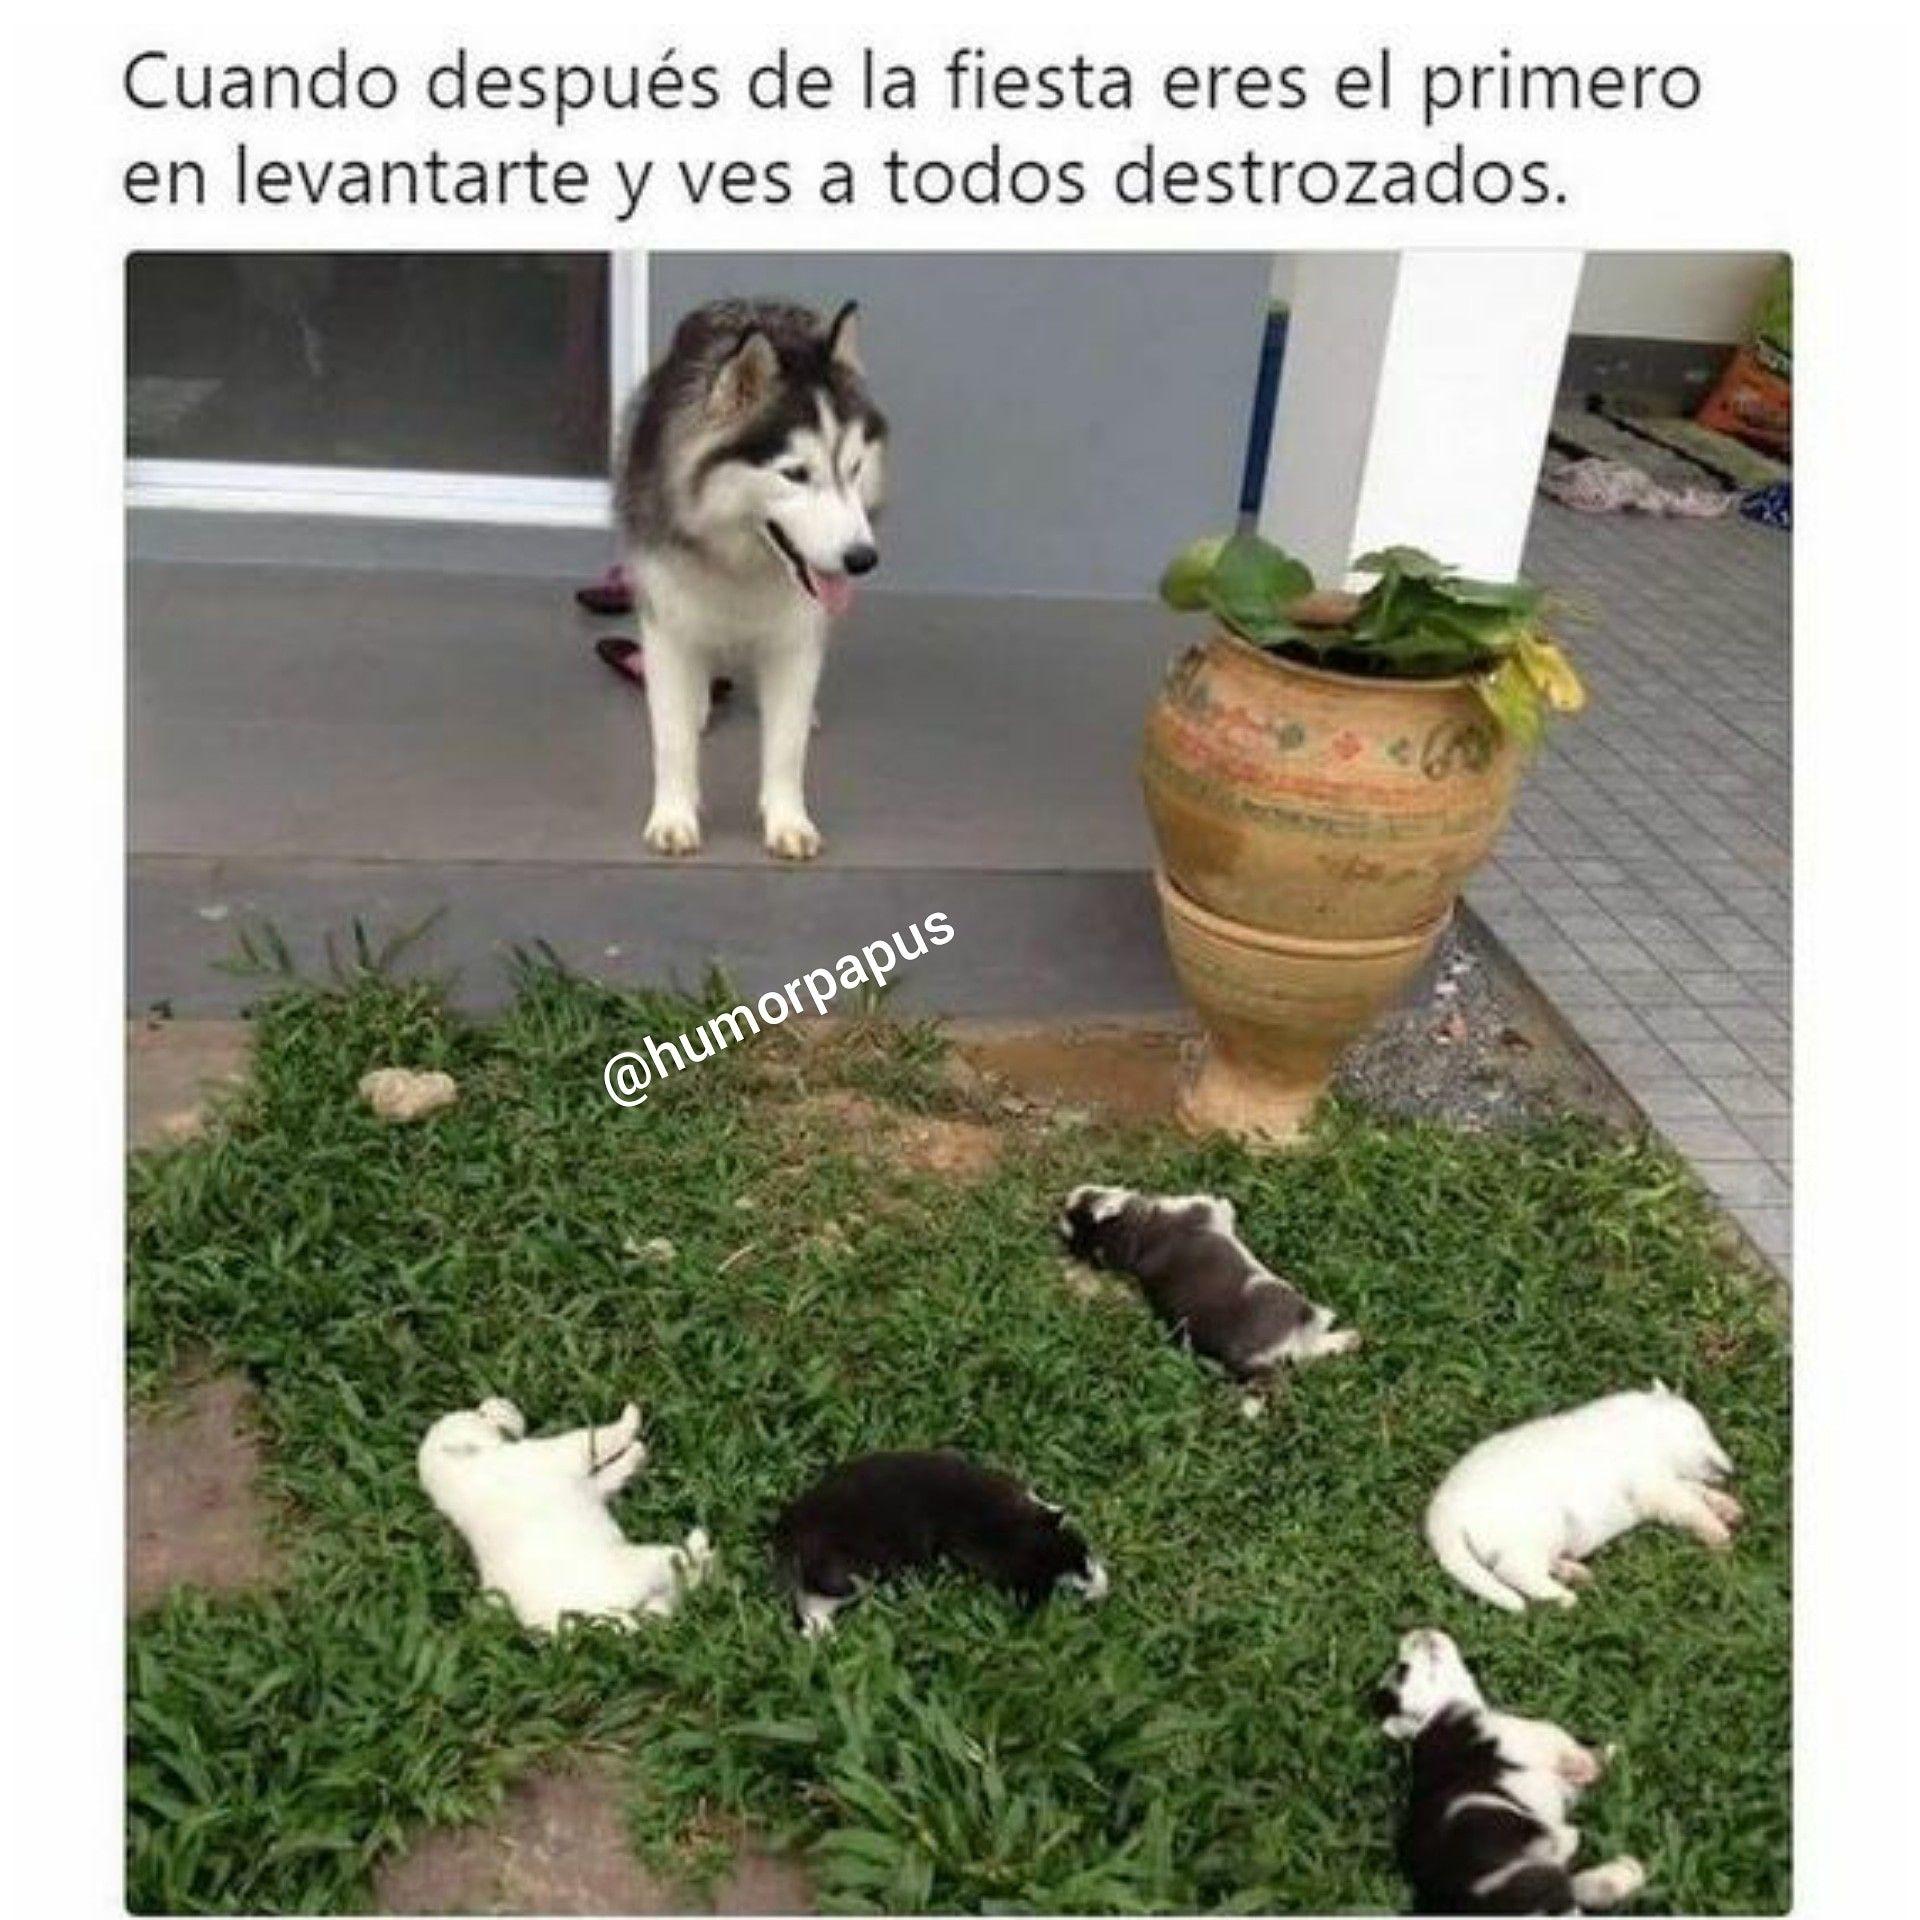 Pin De Caro En Imagenes De Memes En Espanol Chistes De Perros Imagenes Chistosas Mascotas Frases